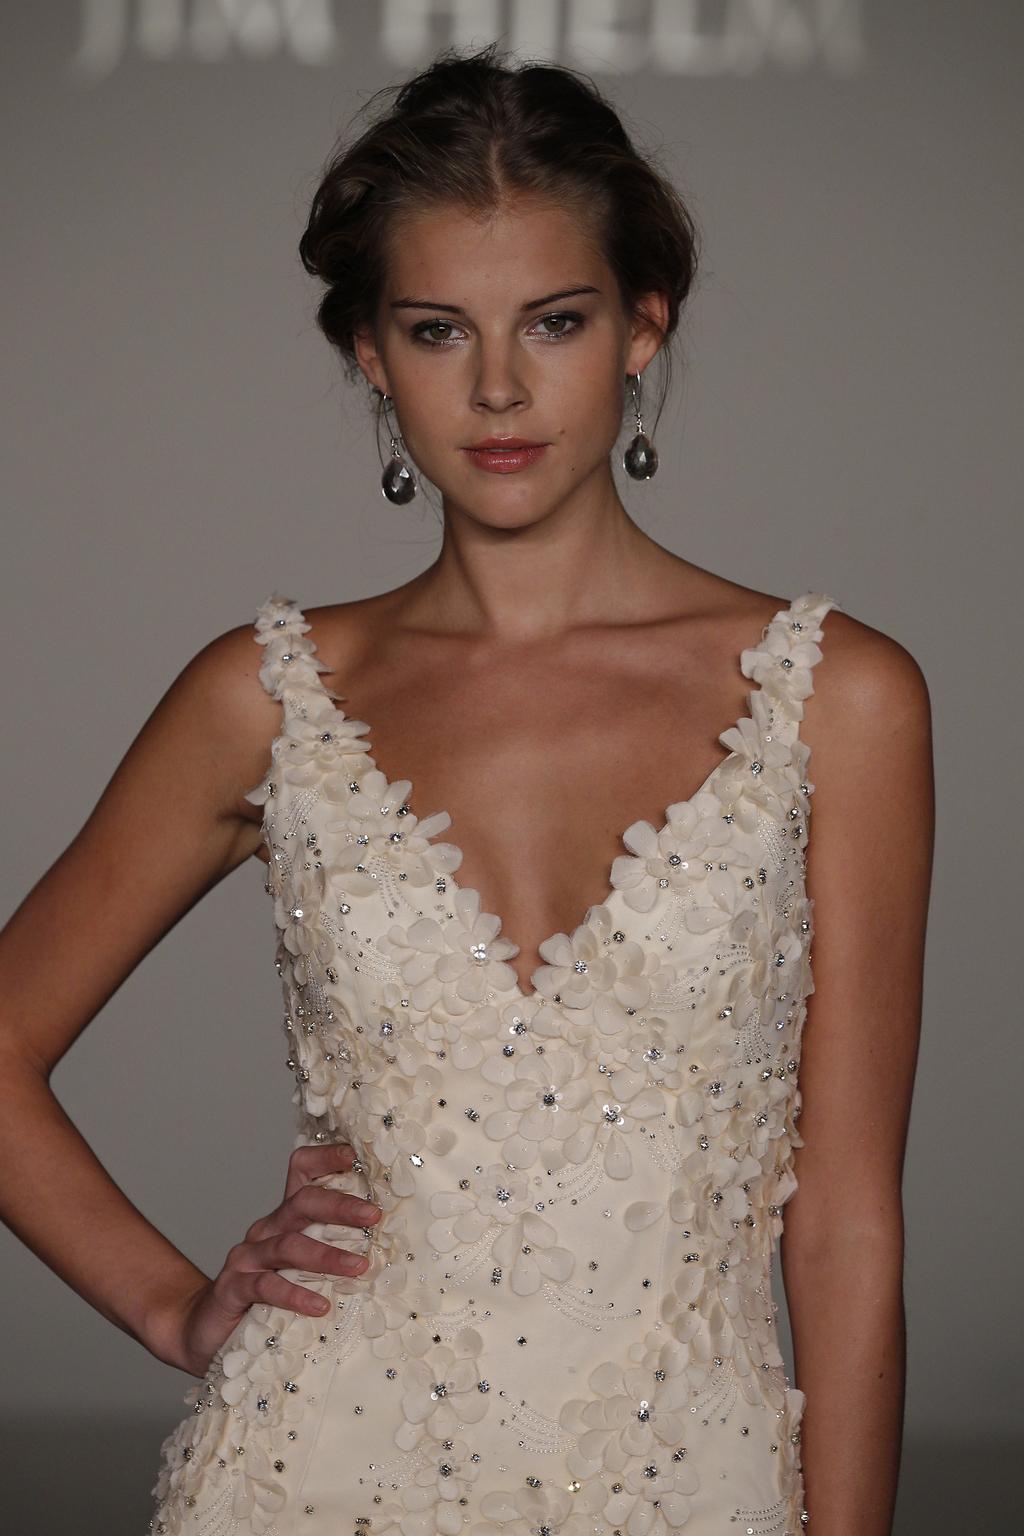 Jim-hjelm-wedding-dress-spring-2012-bridal-gowns-8206-detail.full